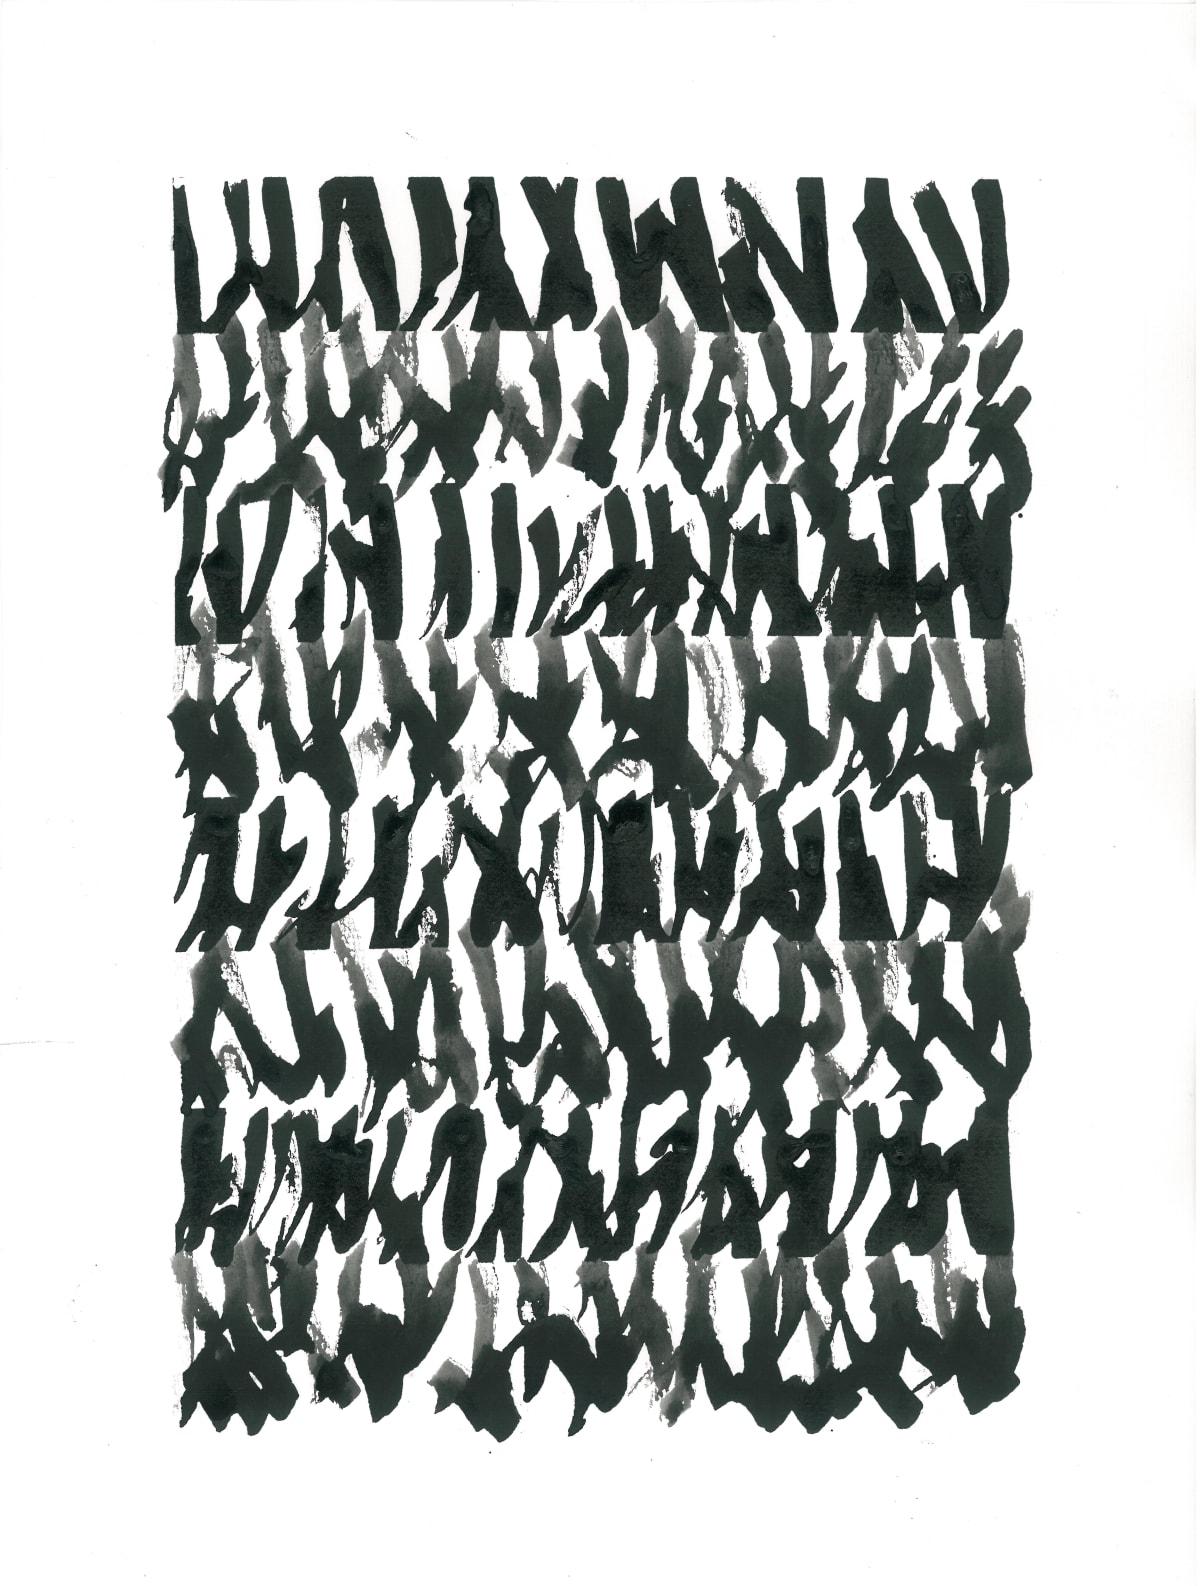 Mohammad Ali Talpur Untitled (Alif Series, 2), 2020 Ink on paper 37.5 x 27.5 cm 14 3/4 x 10 7/8 in